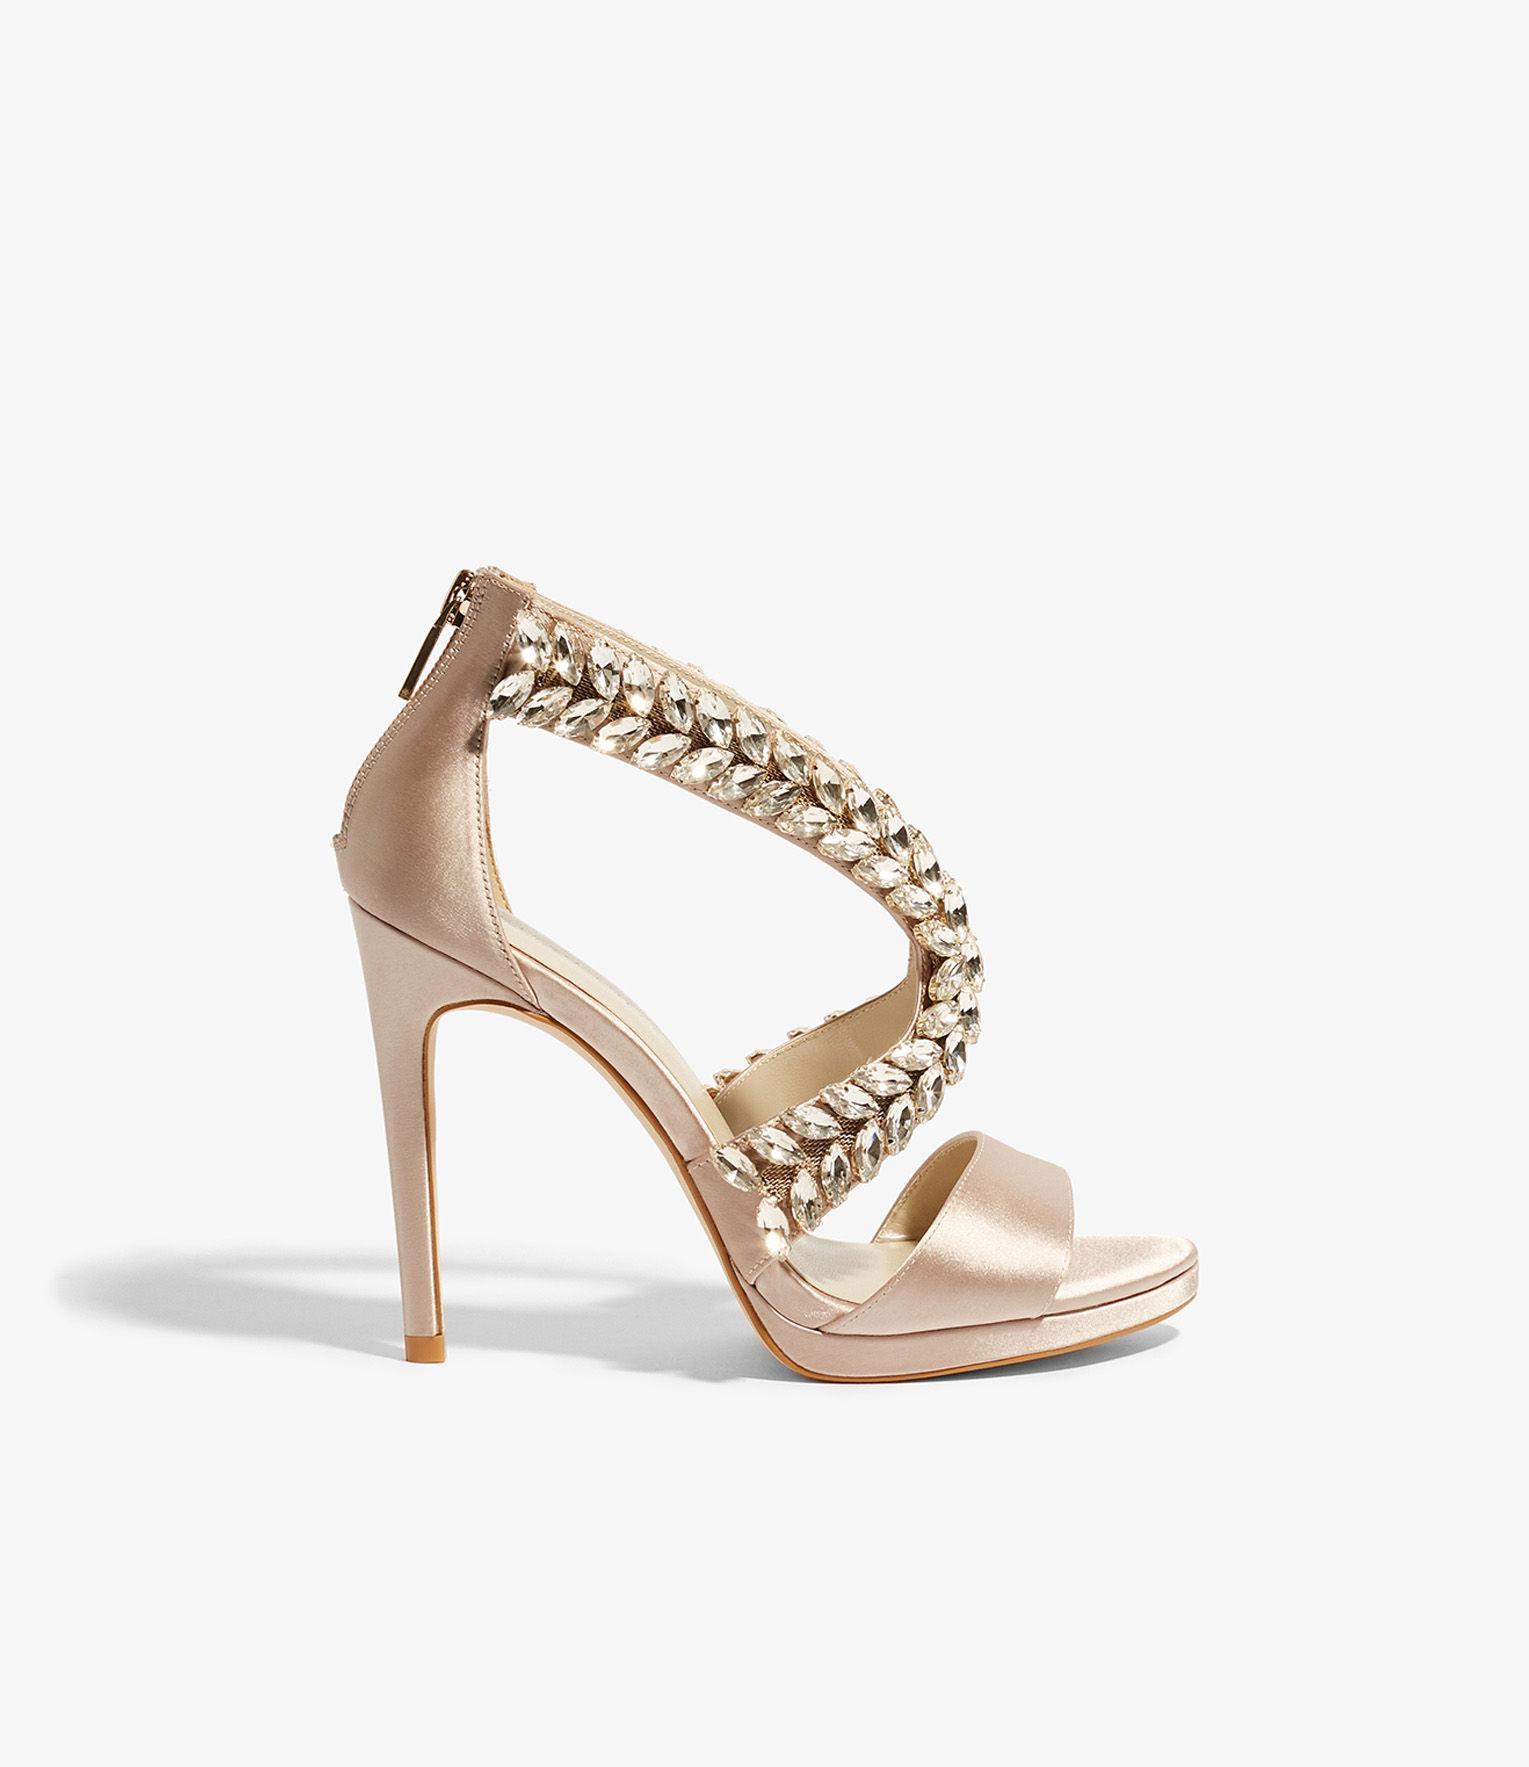 2196a7b4125 Karen Millen. Women s Gem Embellished Sandals